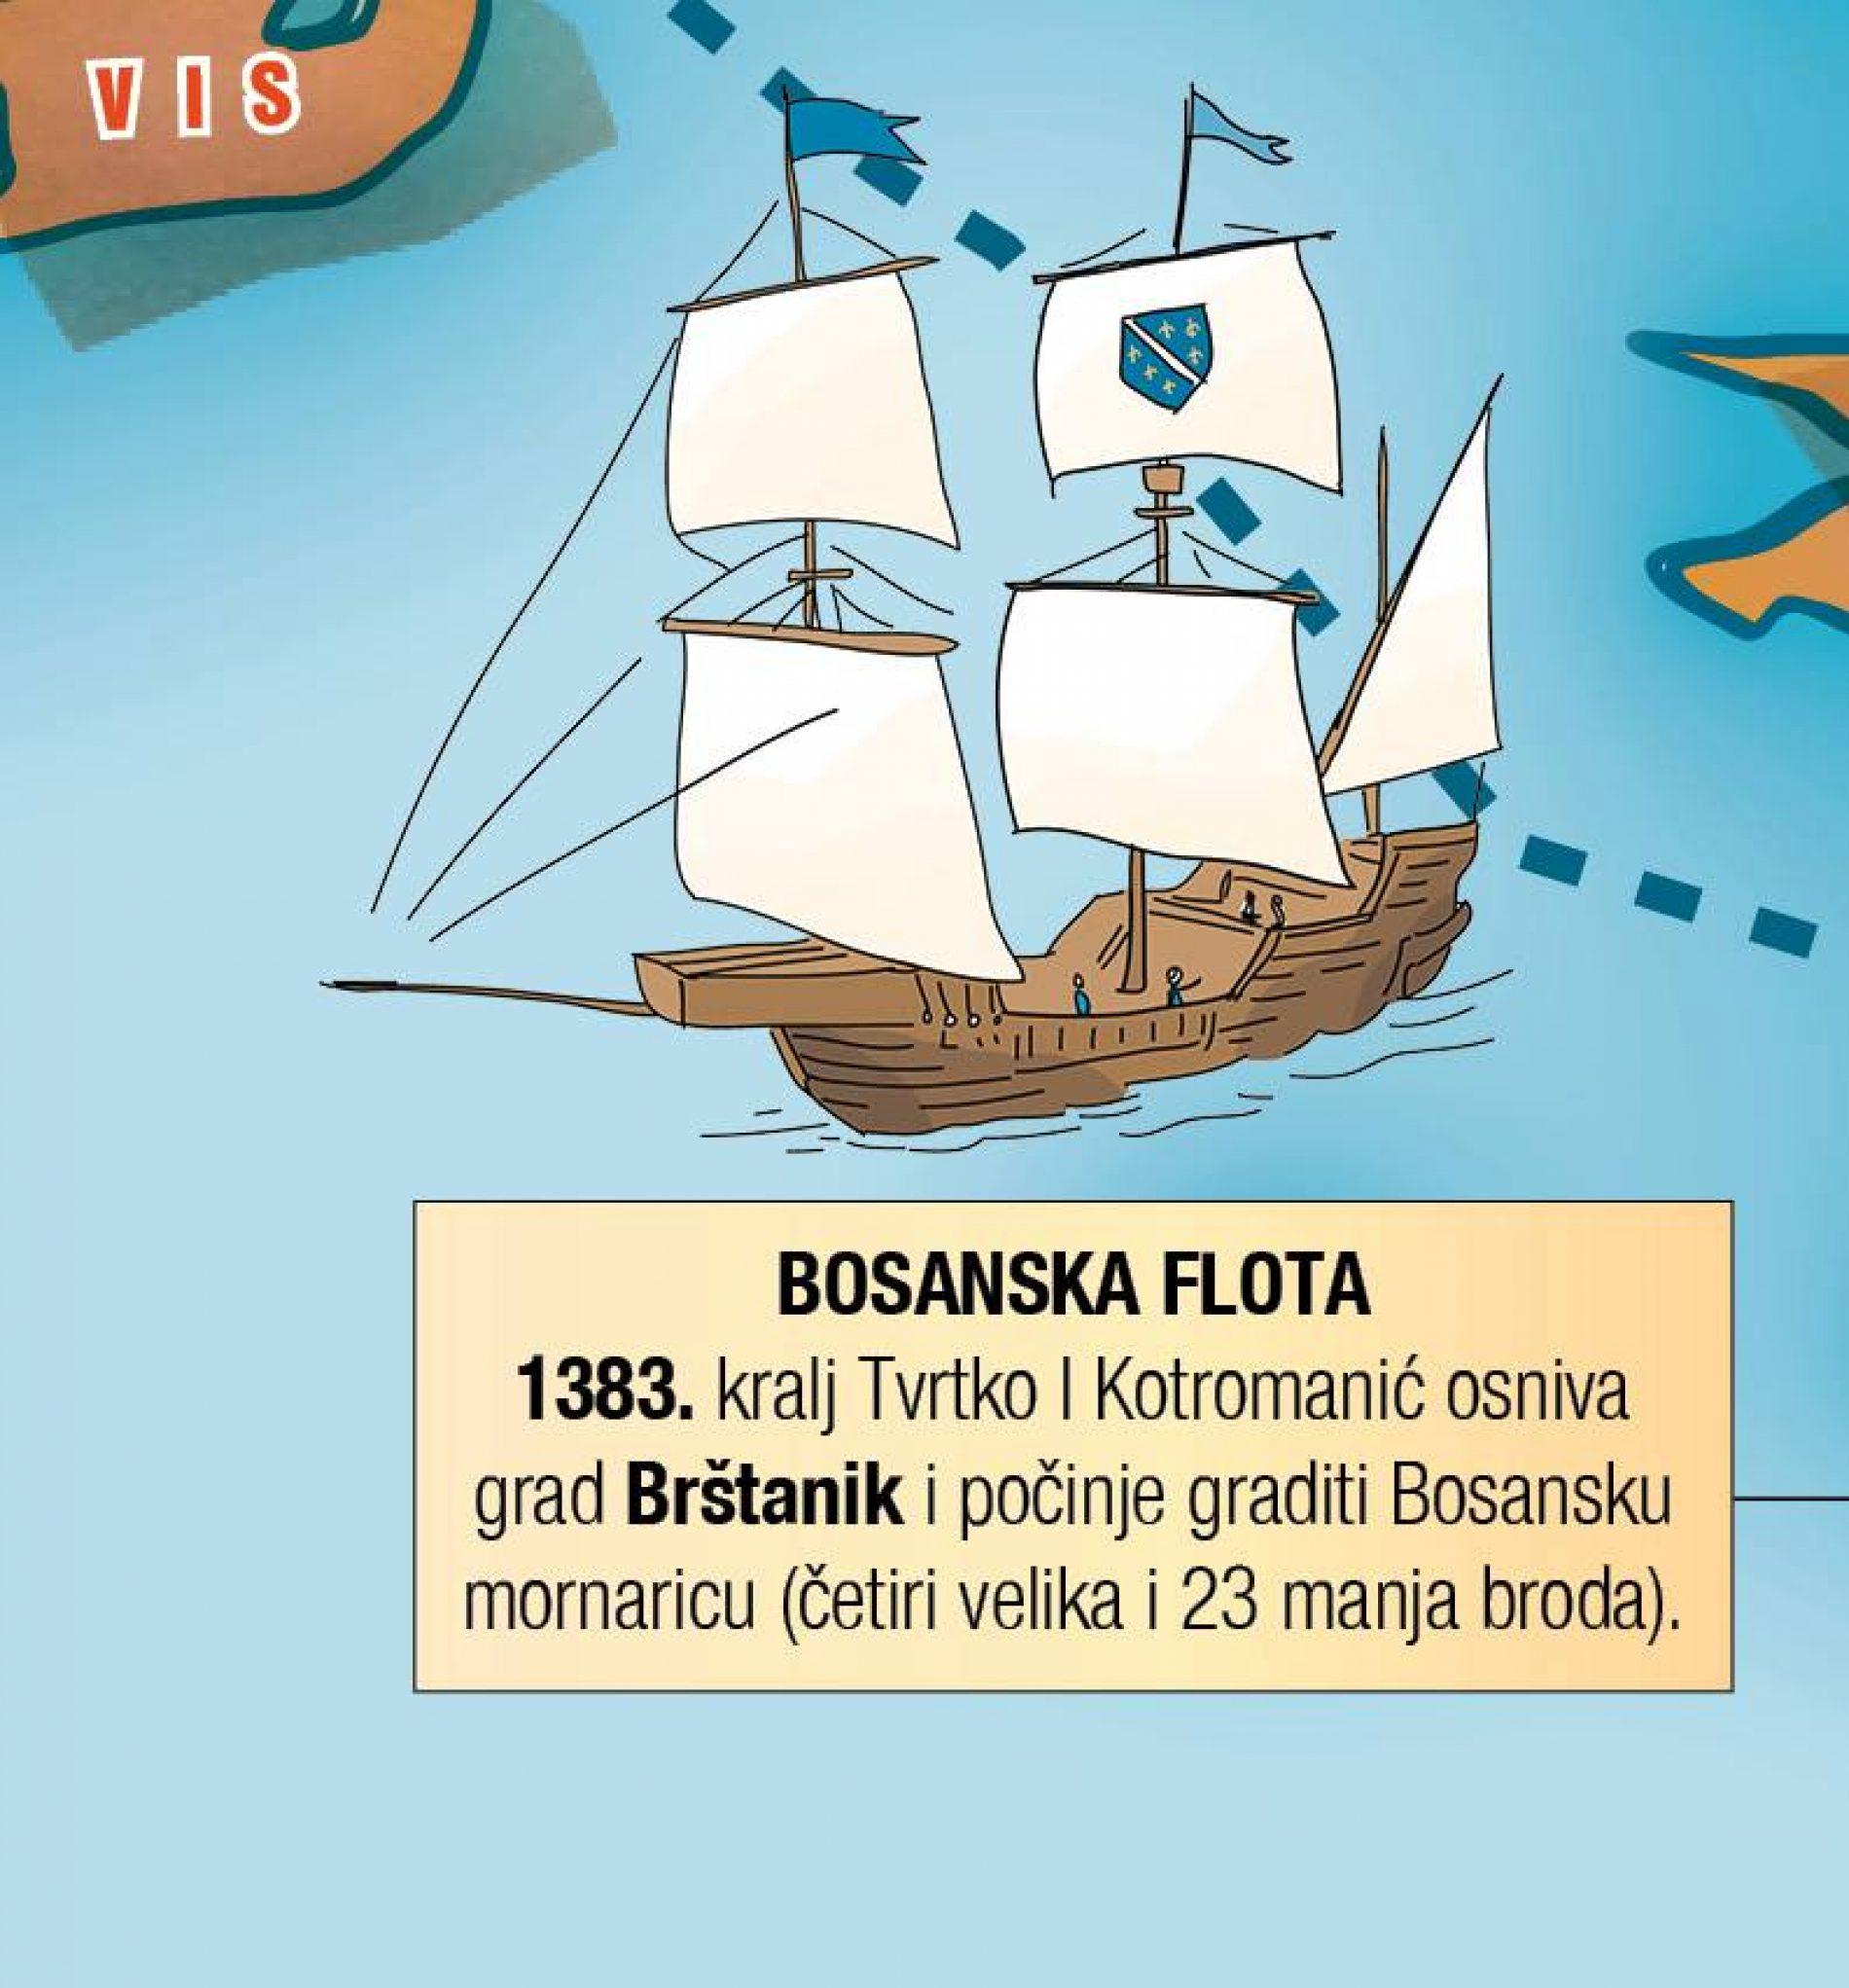 BOSANSKA MORNARICA